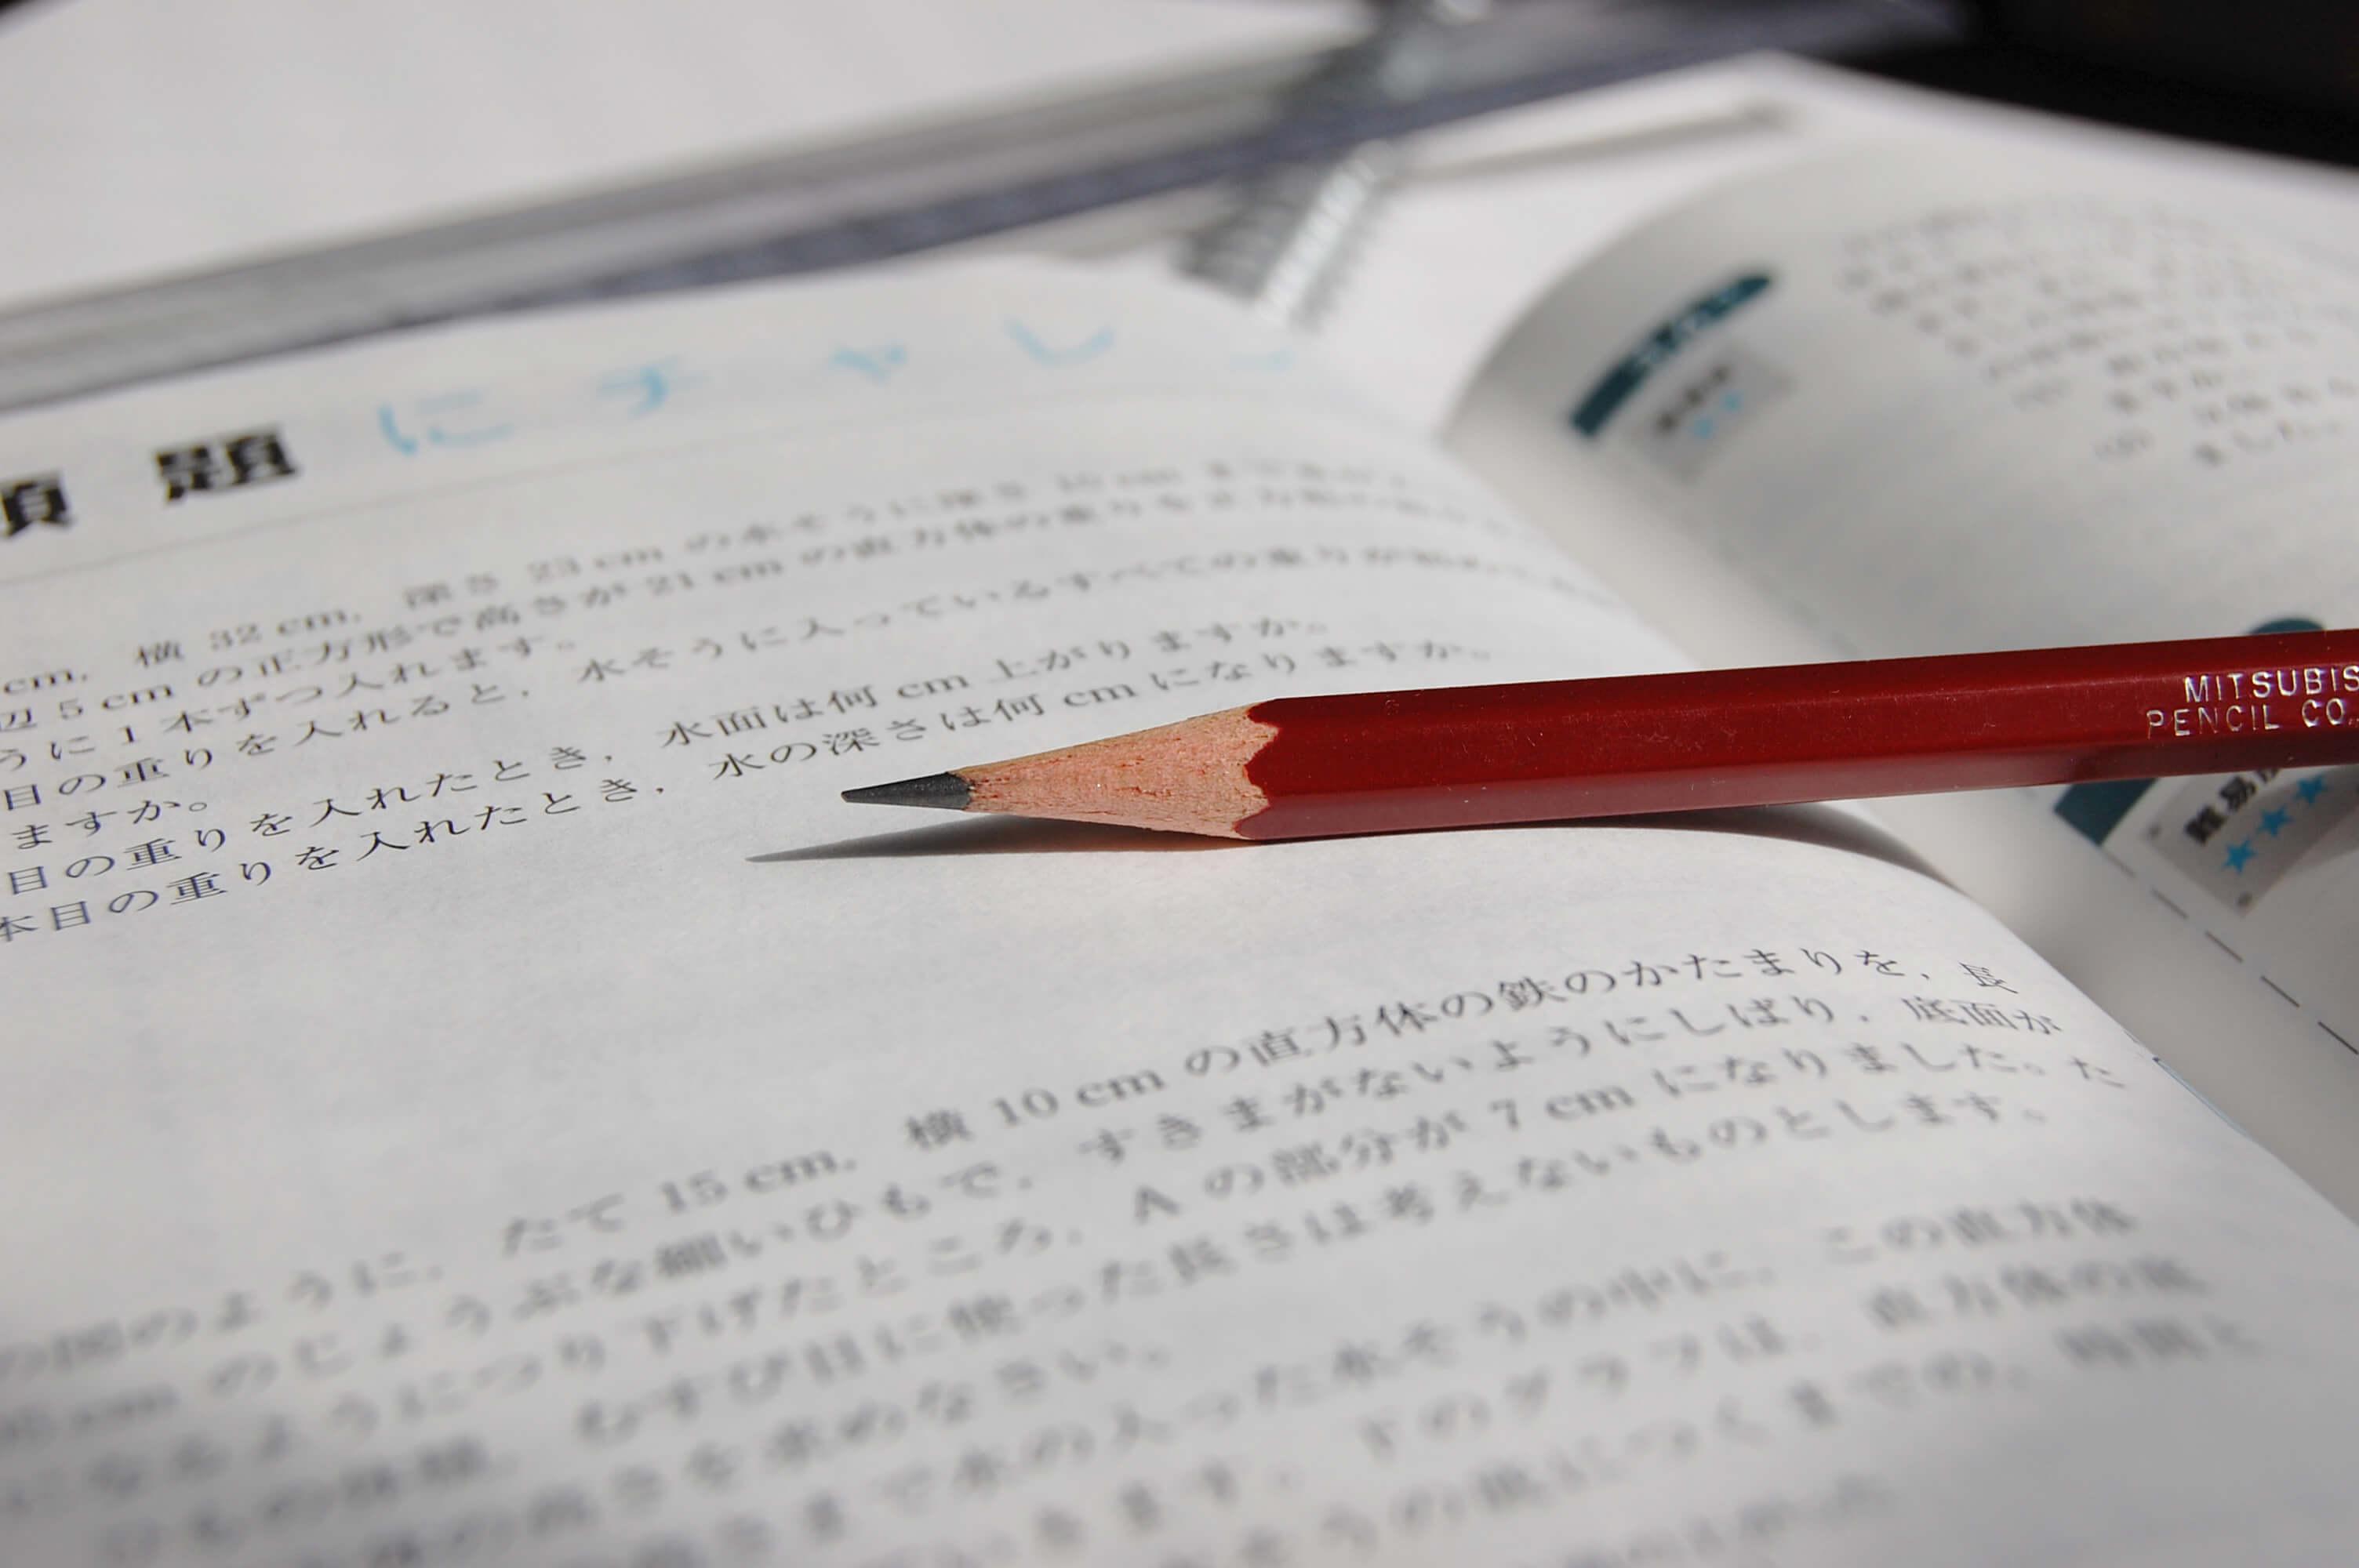 国の教育ローンの審査期間はどれくらい?在籍確認はあるの?